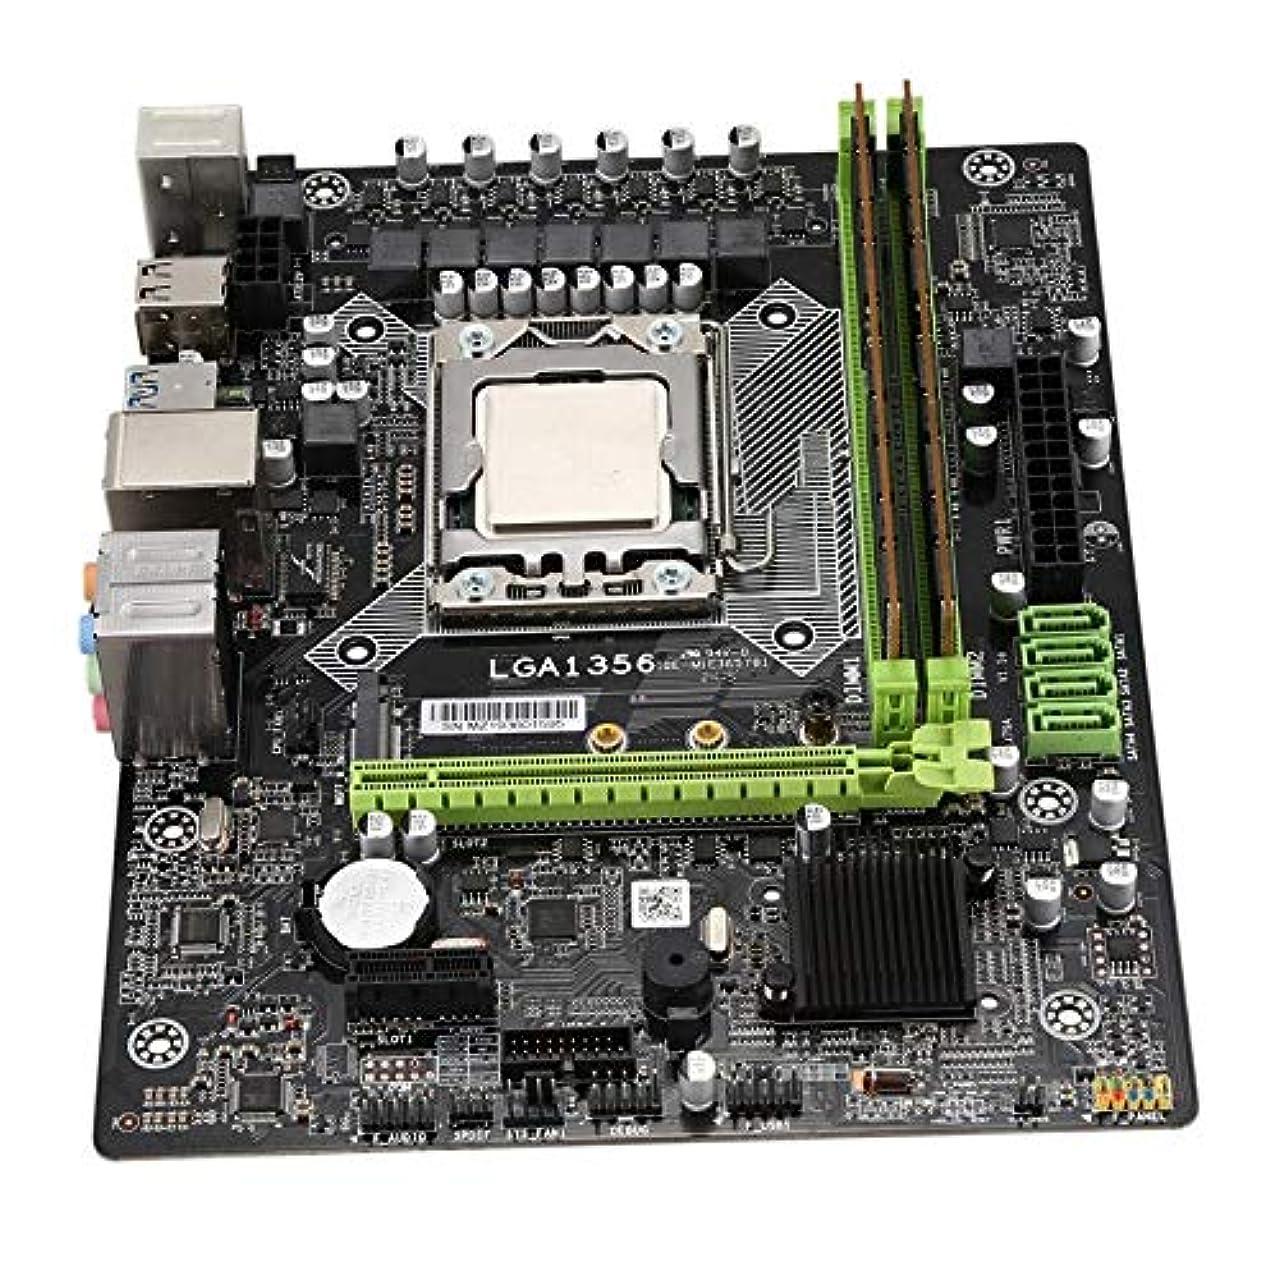 葡萄巻き取り感嘆符ZHAOMIN X79A Motherboard Set with Xeon LGA 1356 E5 2420 C2 2X8GB=16GB 1600MHz DDR3 ECC REG Memory